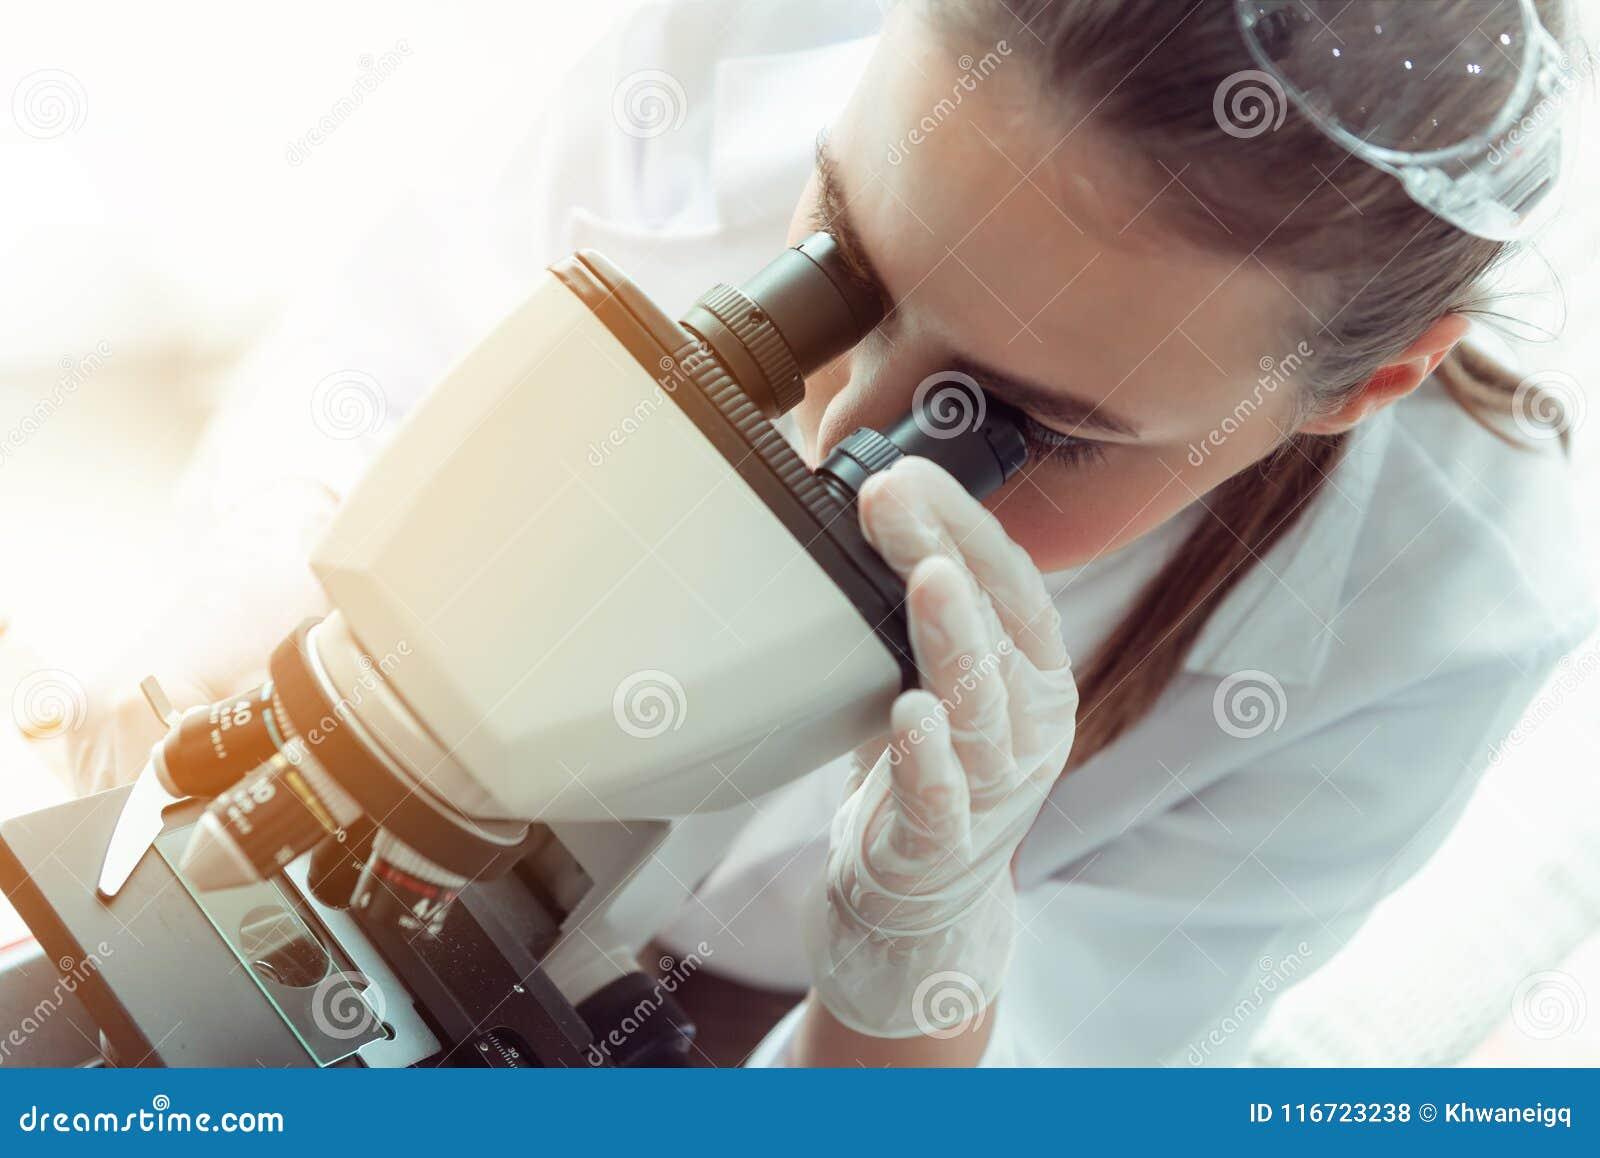 Портрет молодого исследования ученого используя микроскоп в работе